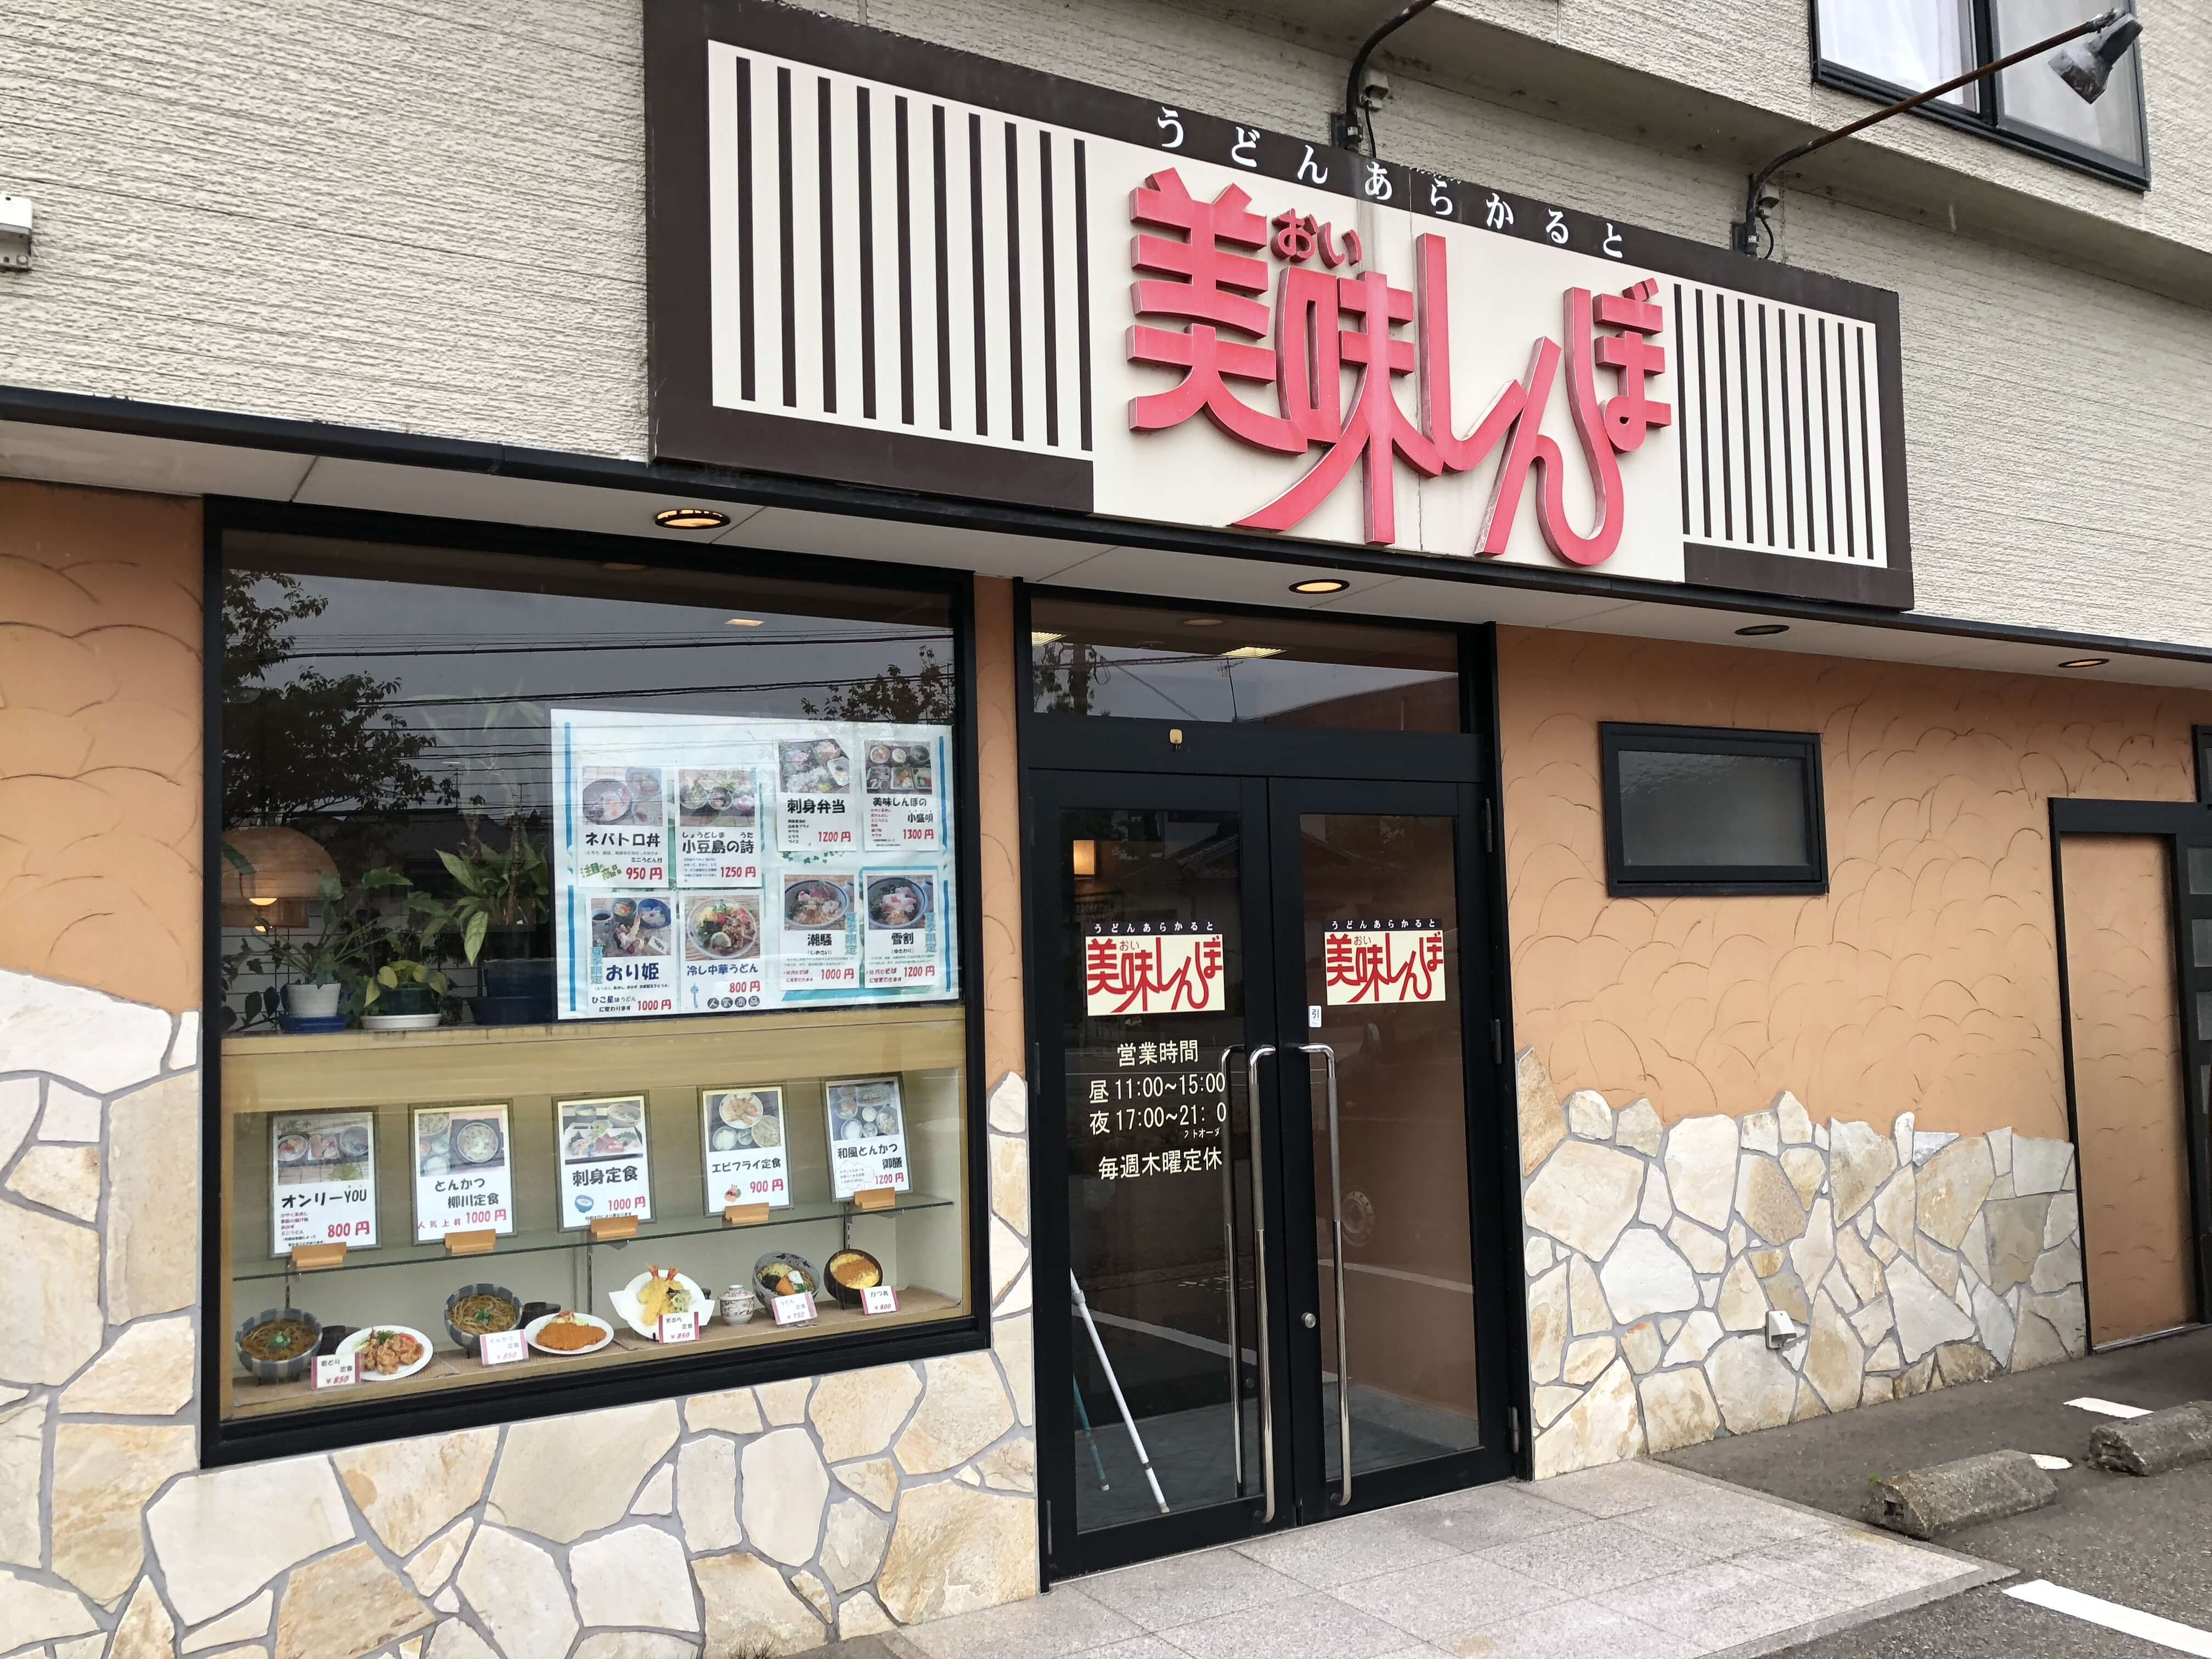 「 美味しんぼ 」自慢のうどんや豊富なメニューが地元民に支持されているお店